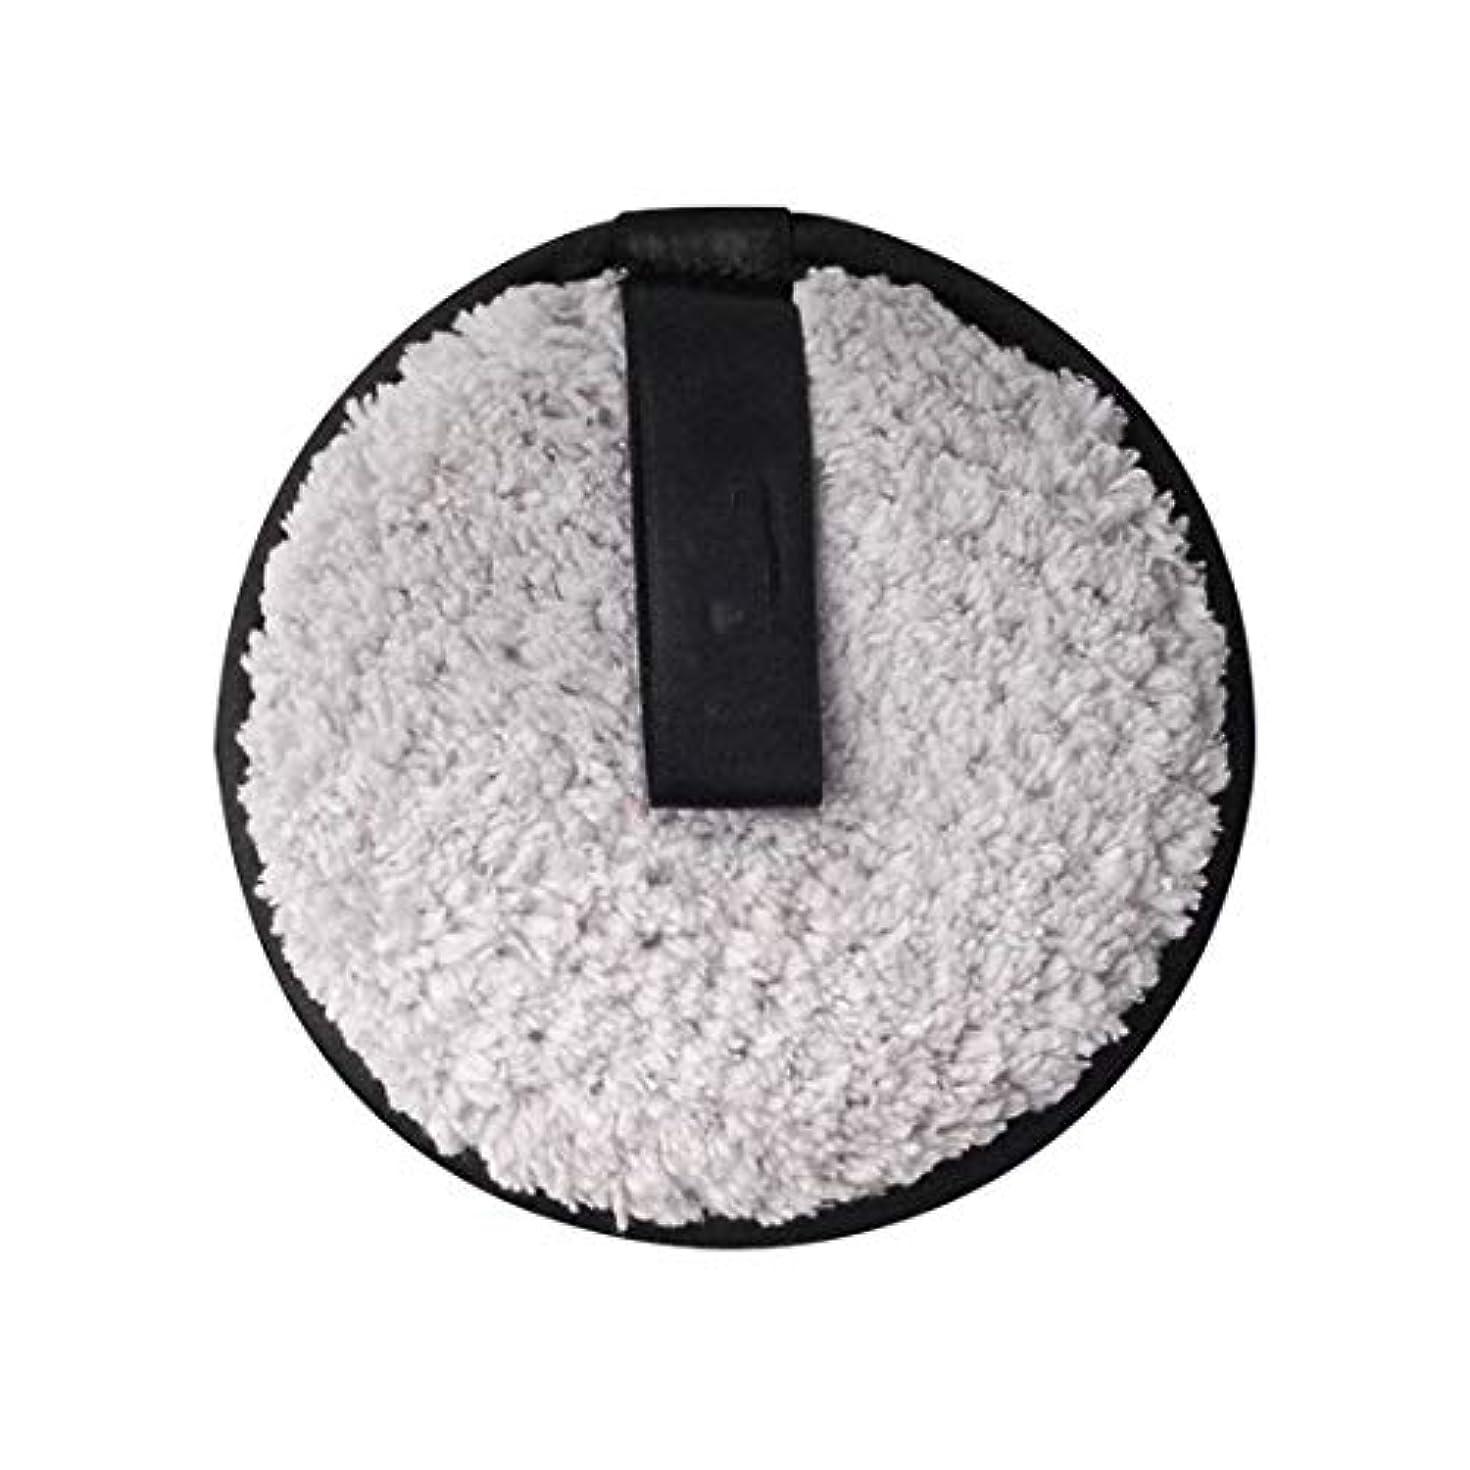 メイク落とし布マジックタオル、再利用可能な洗顔タオル - 化学薬品を含まない、ただ水で化粧をすぐに落とす(6PCS),Gray